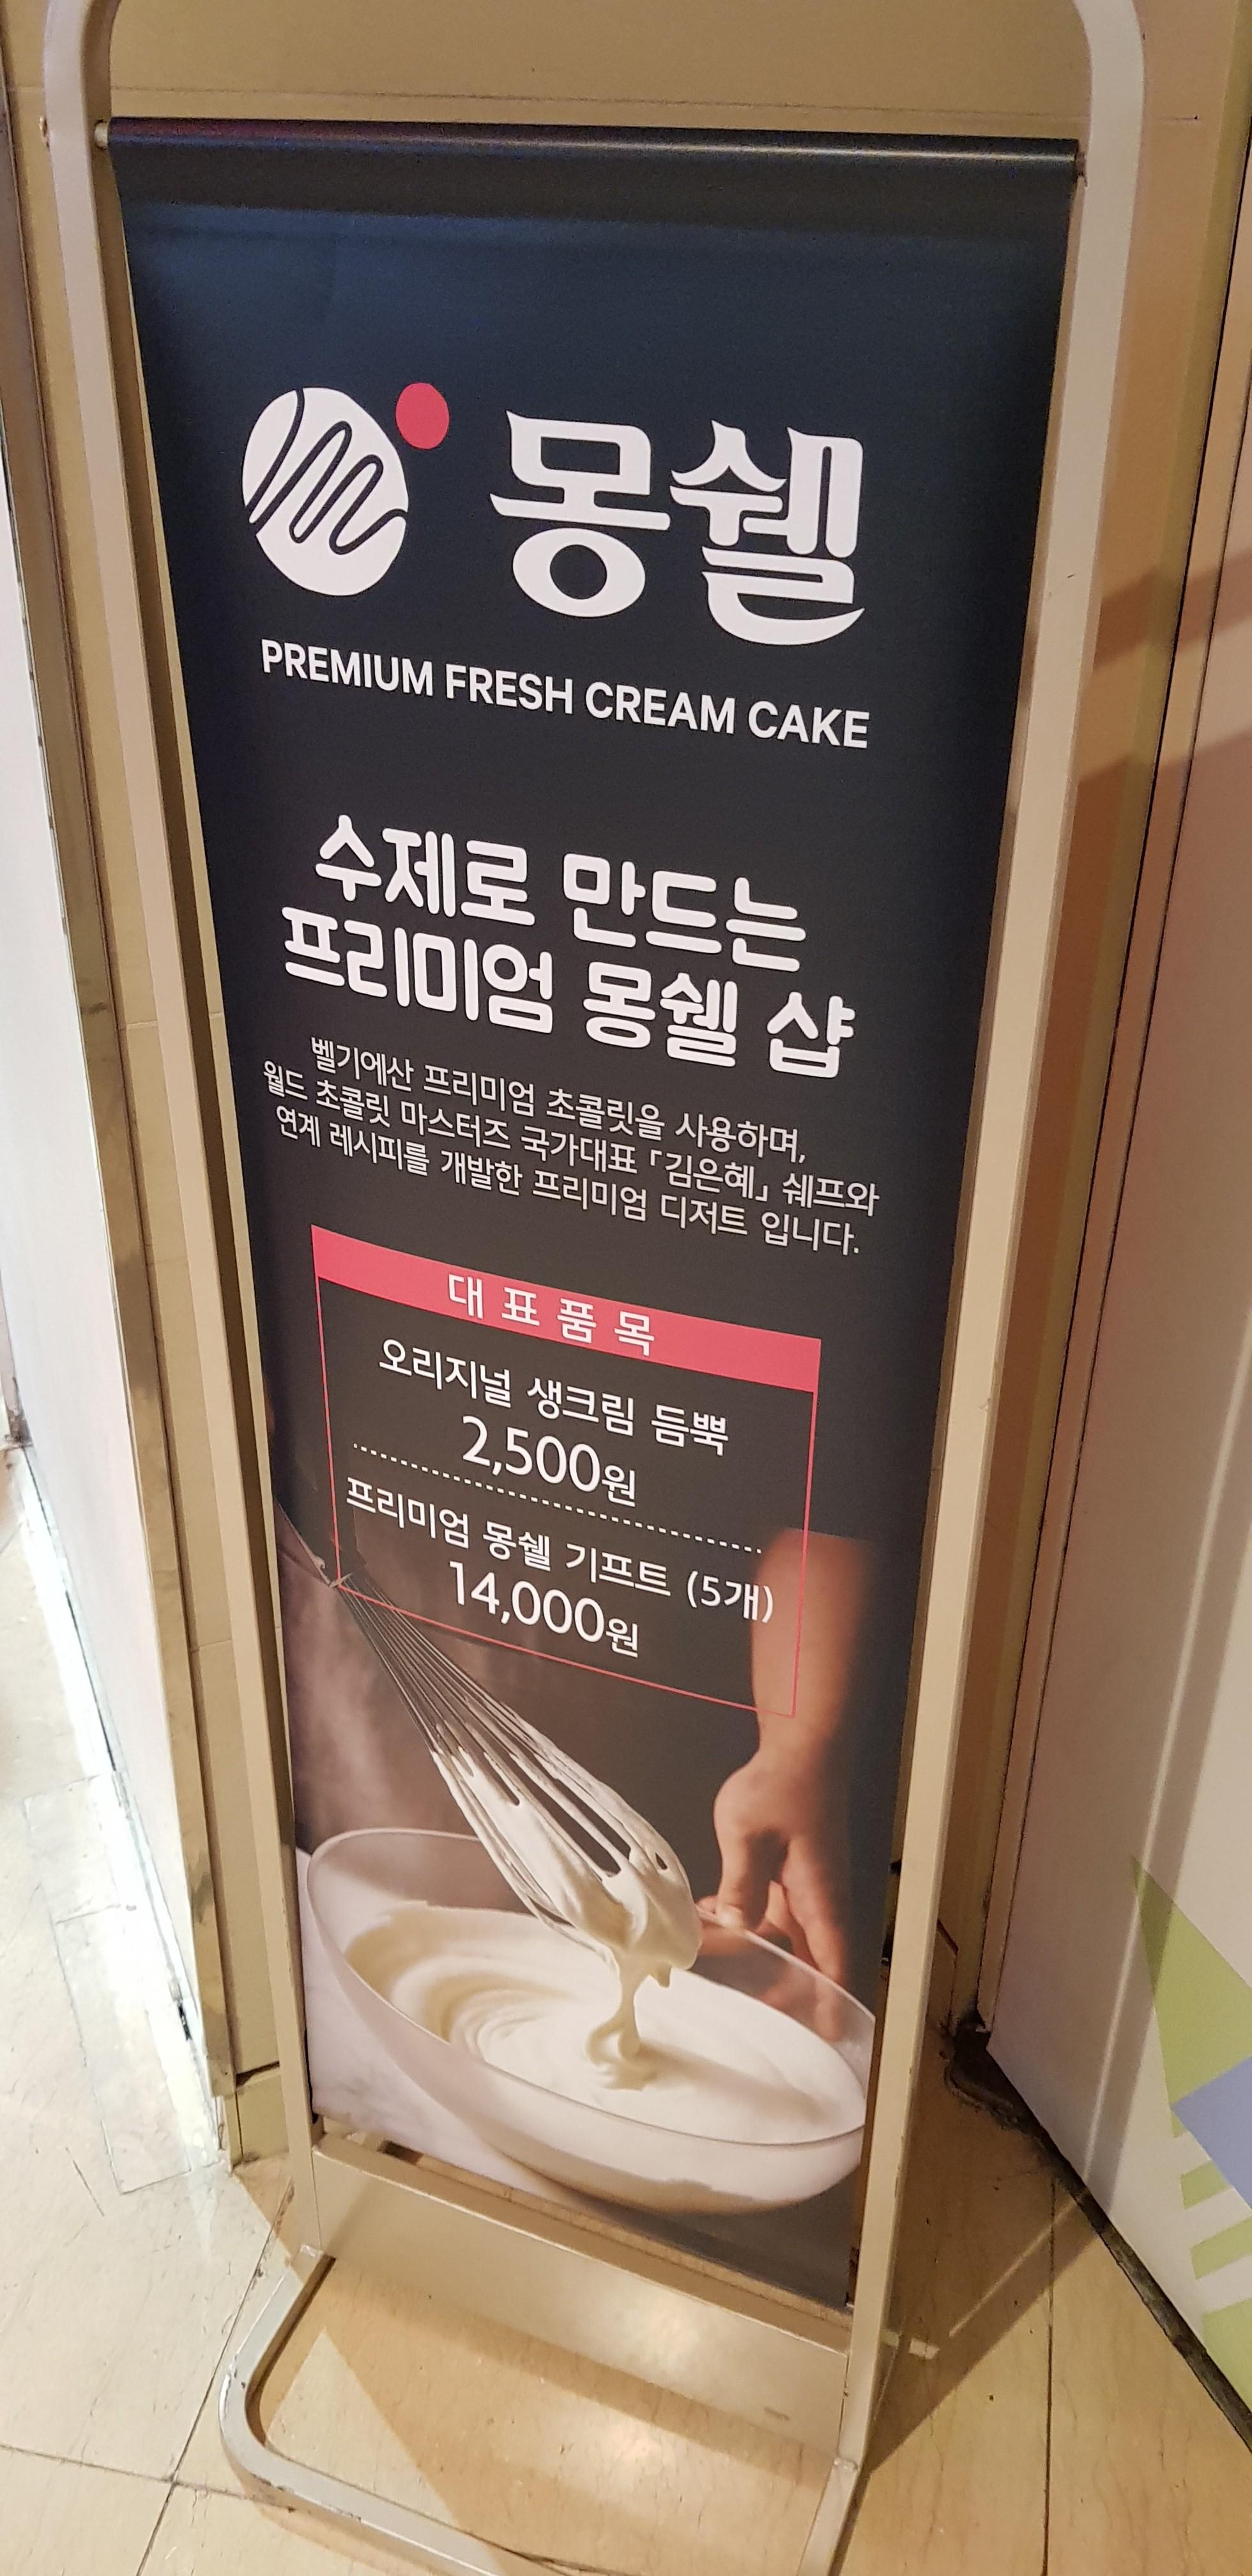 잠실 롯데백화점 몽쉘 생크림케이크 (후기)